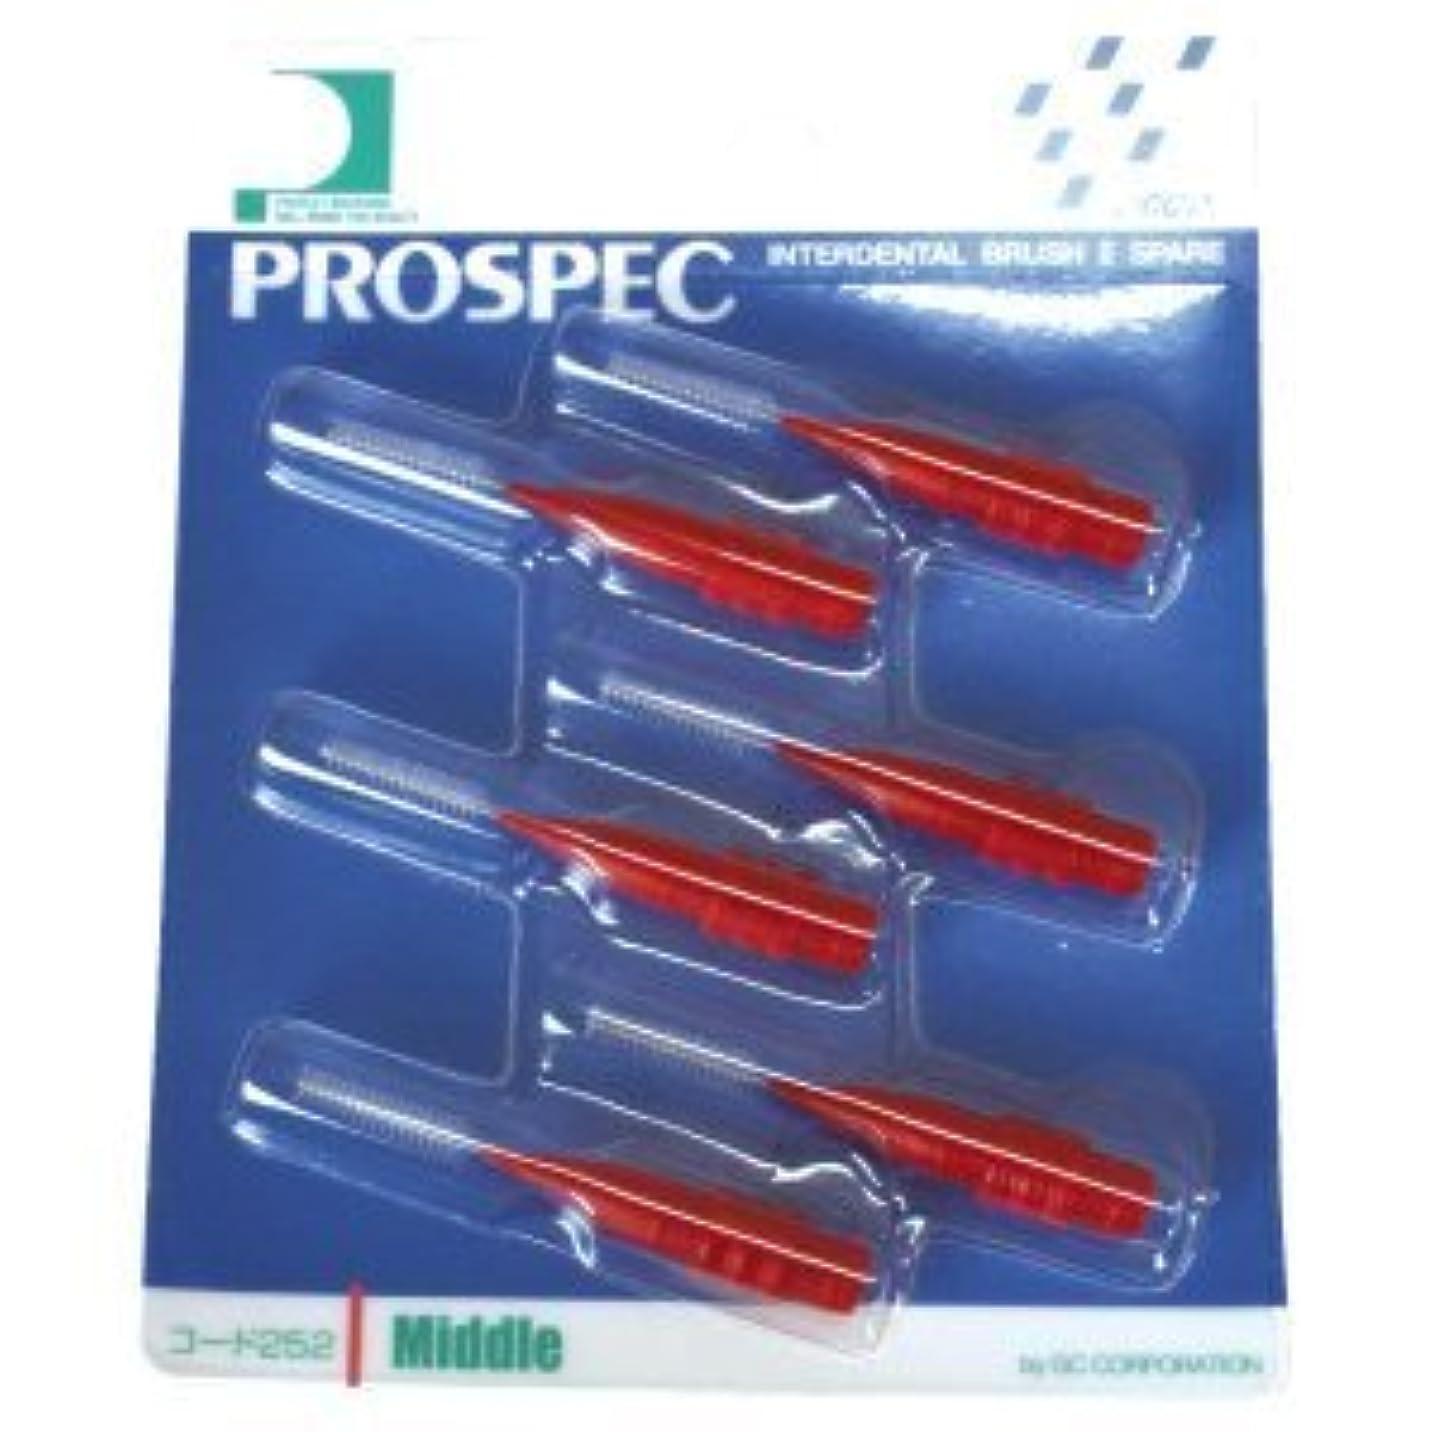 スコットランド人デコレーション花弁プロスペック 歯間ブラシII スペアー/M/1パック(6本入り)